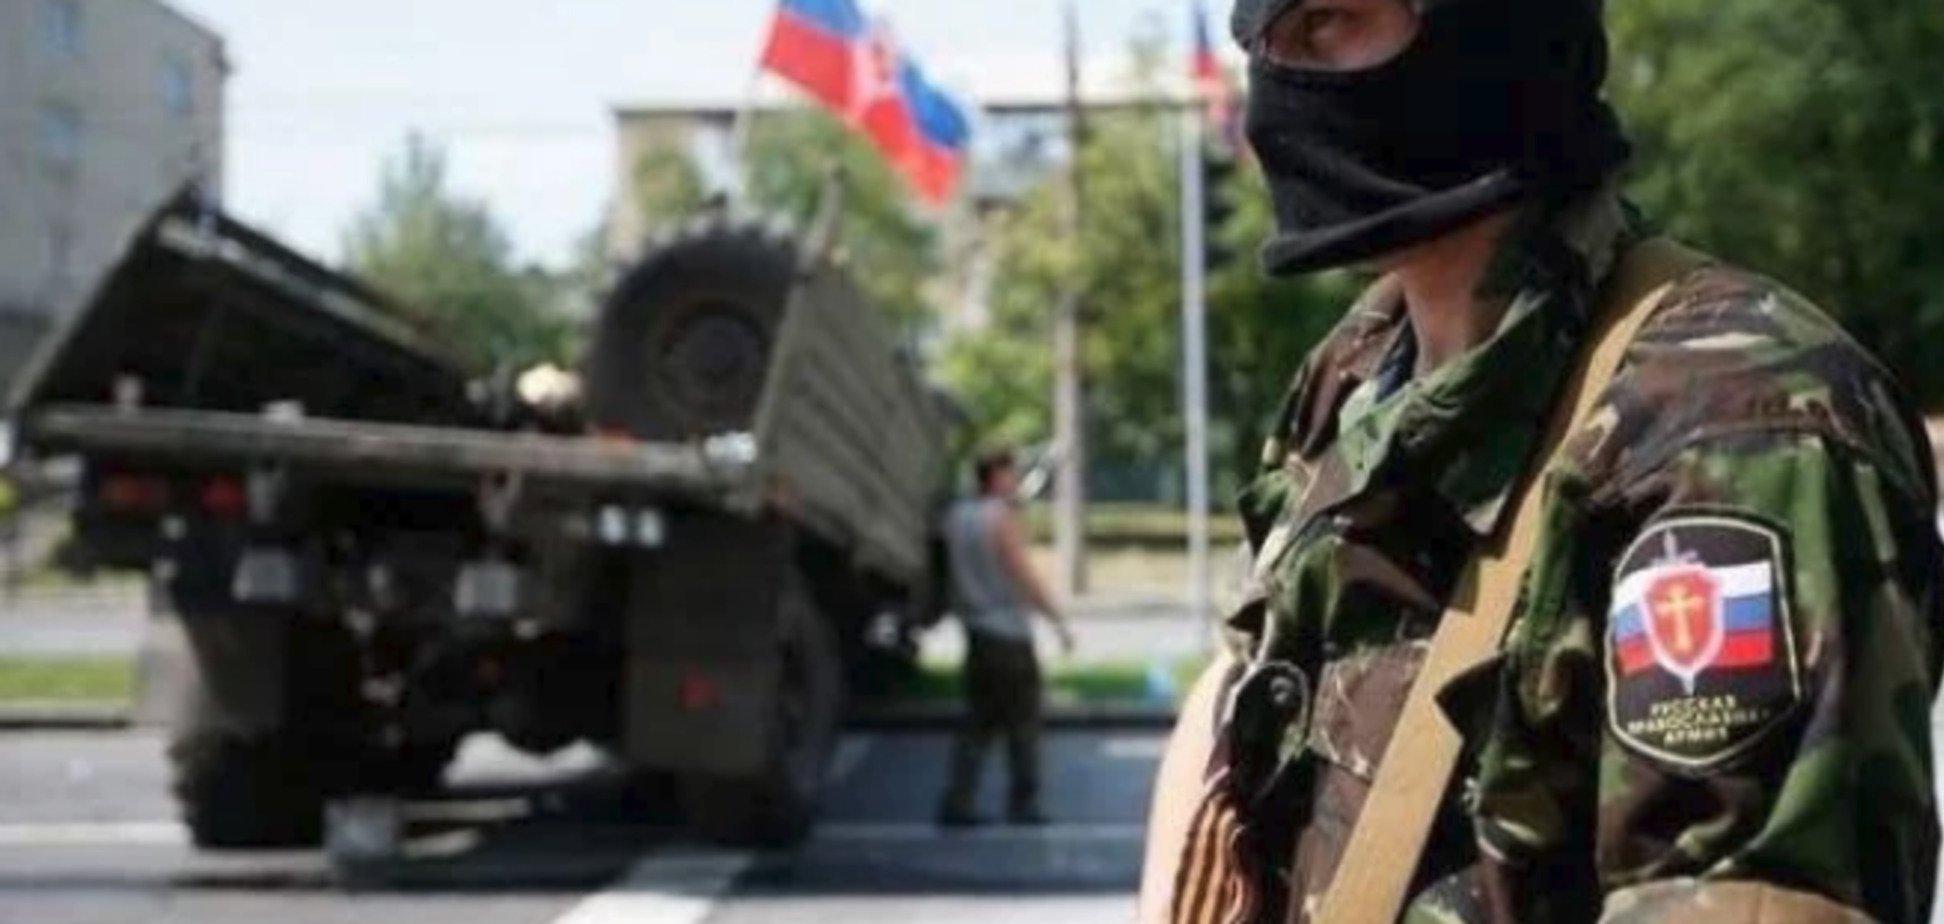 'Отправляла ФСБ': российский наемник рассказал о вербовке на Донбасс